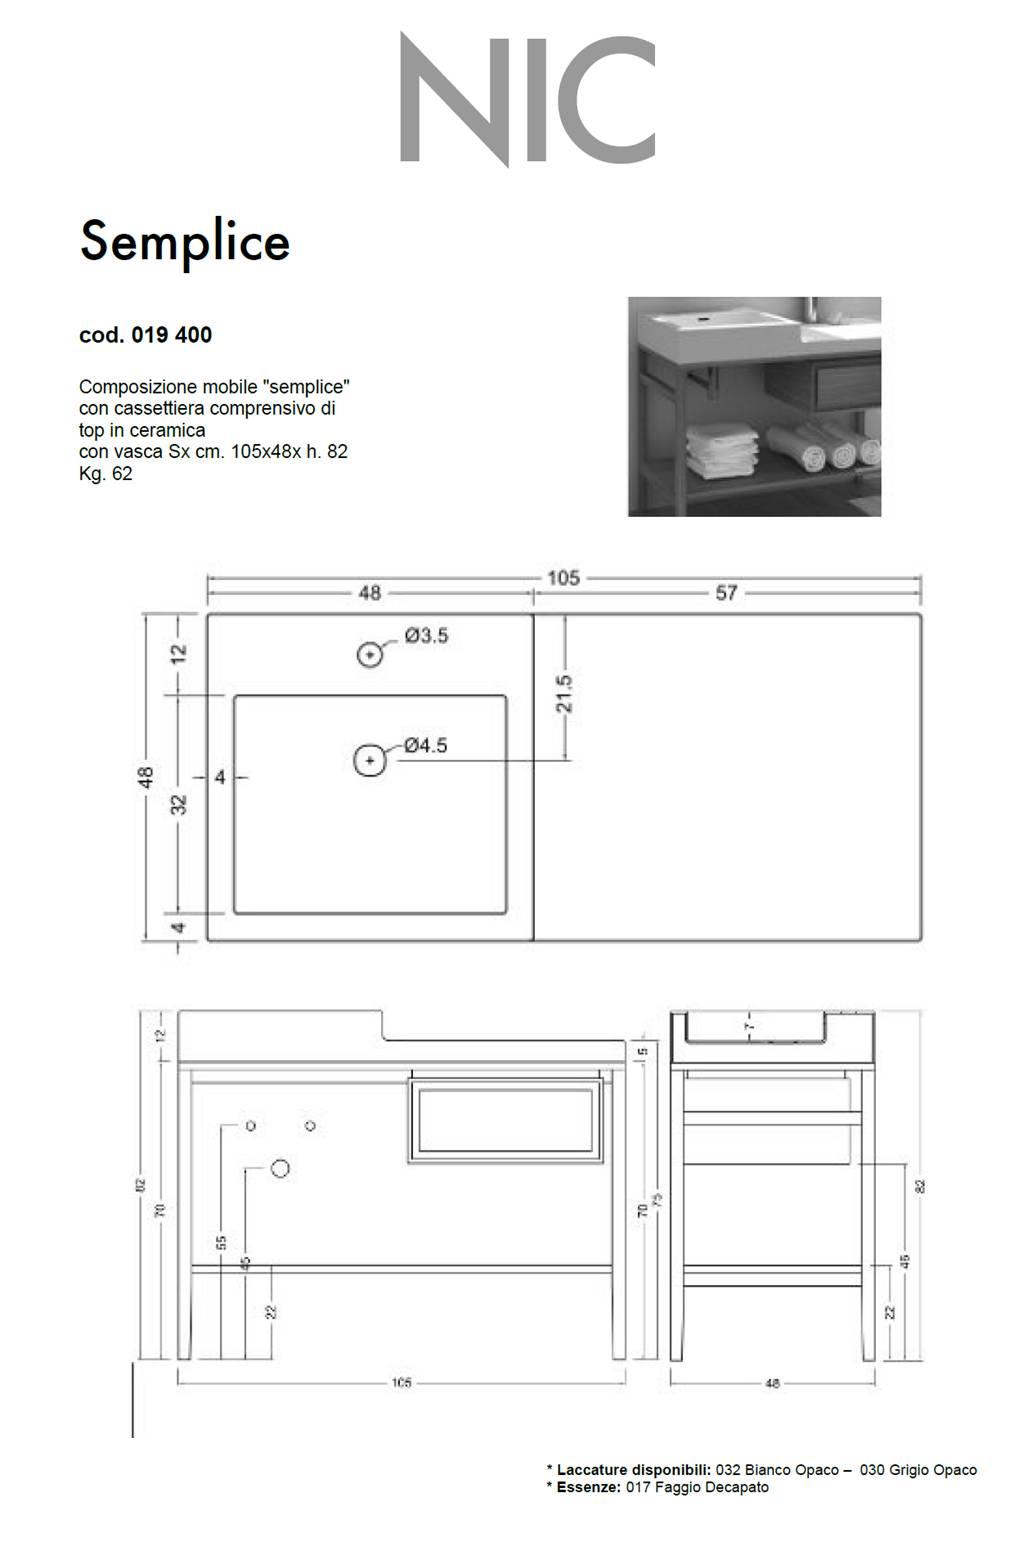 scheda_tecnica_nic_design_composizione_semplice